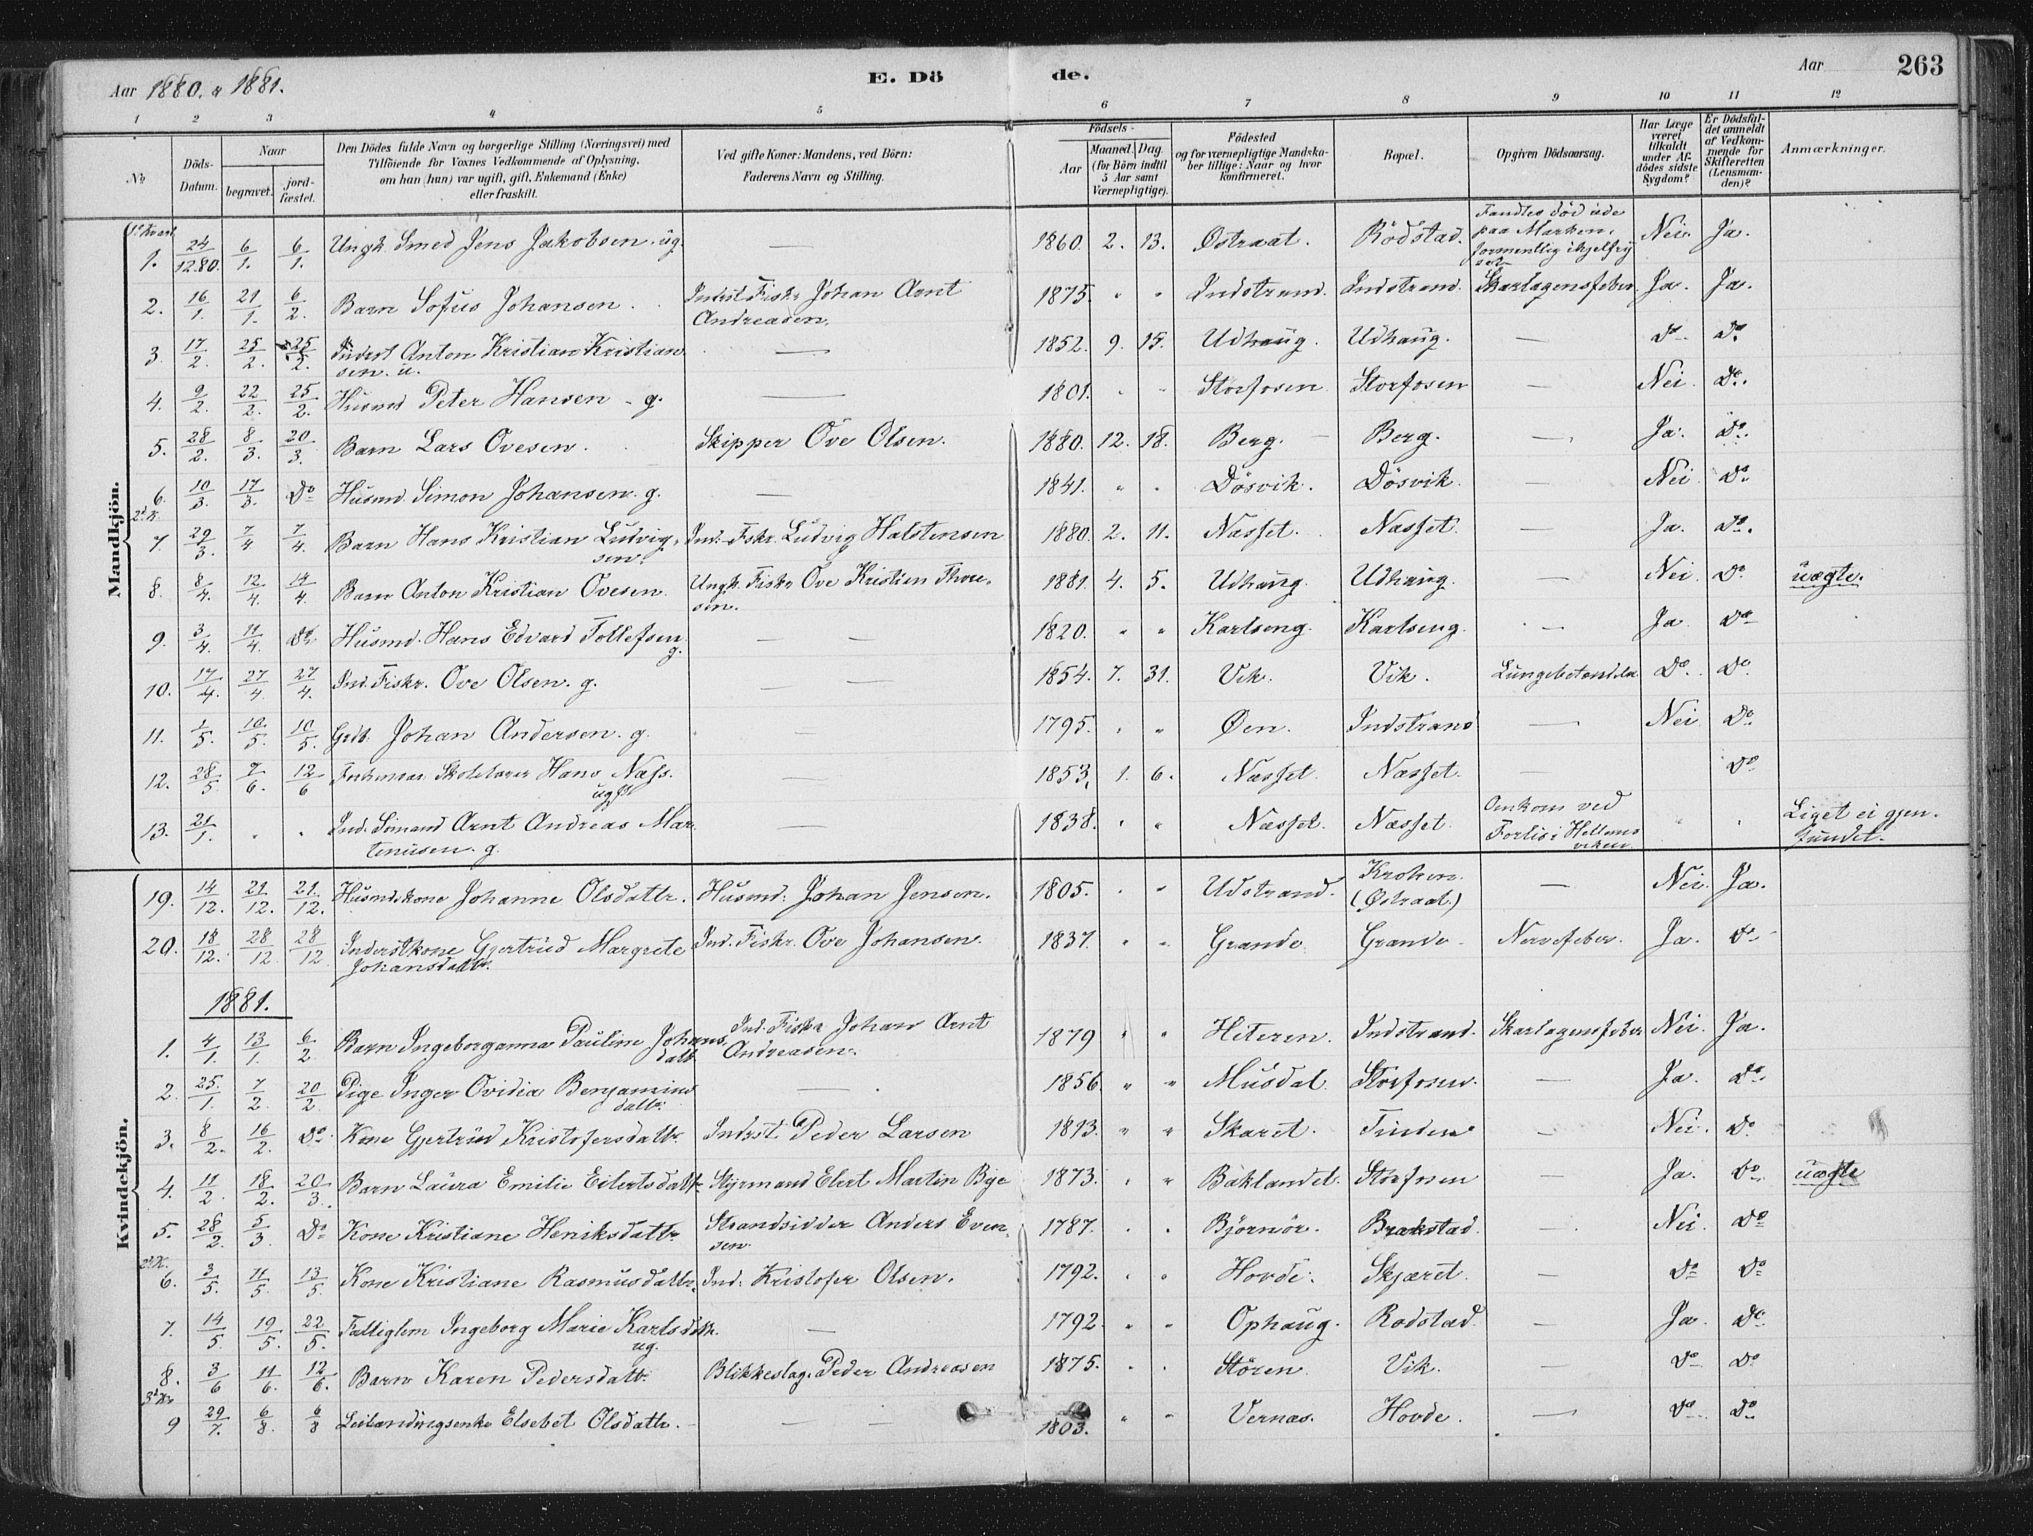 SAT, Ministerialprotokoller, klokkerbøker og fødselsregistre - Sør-Trøndelag, 659/L0739: Ministerialbok nr. 659A09, 1879-1893, s. 263